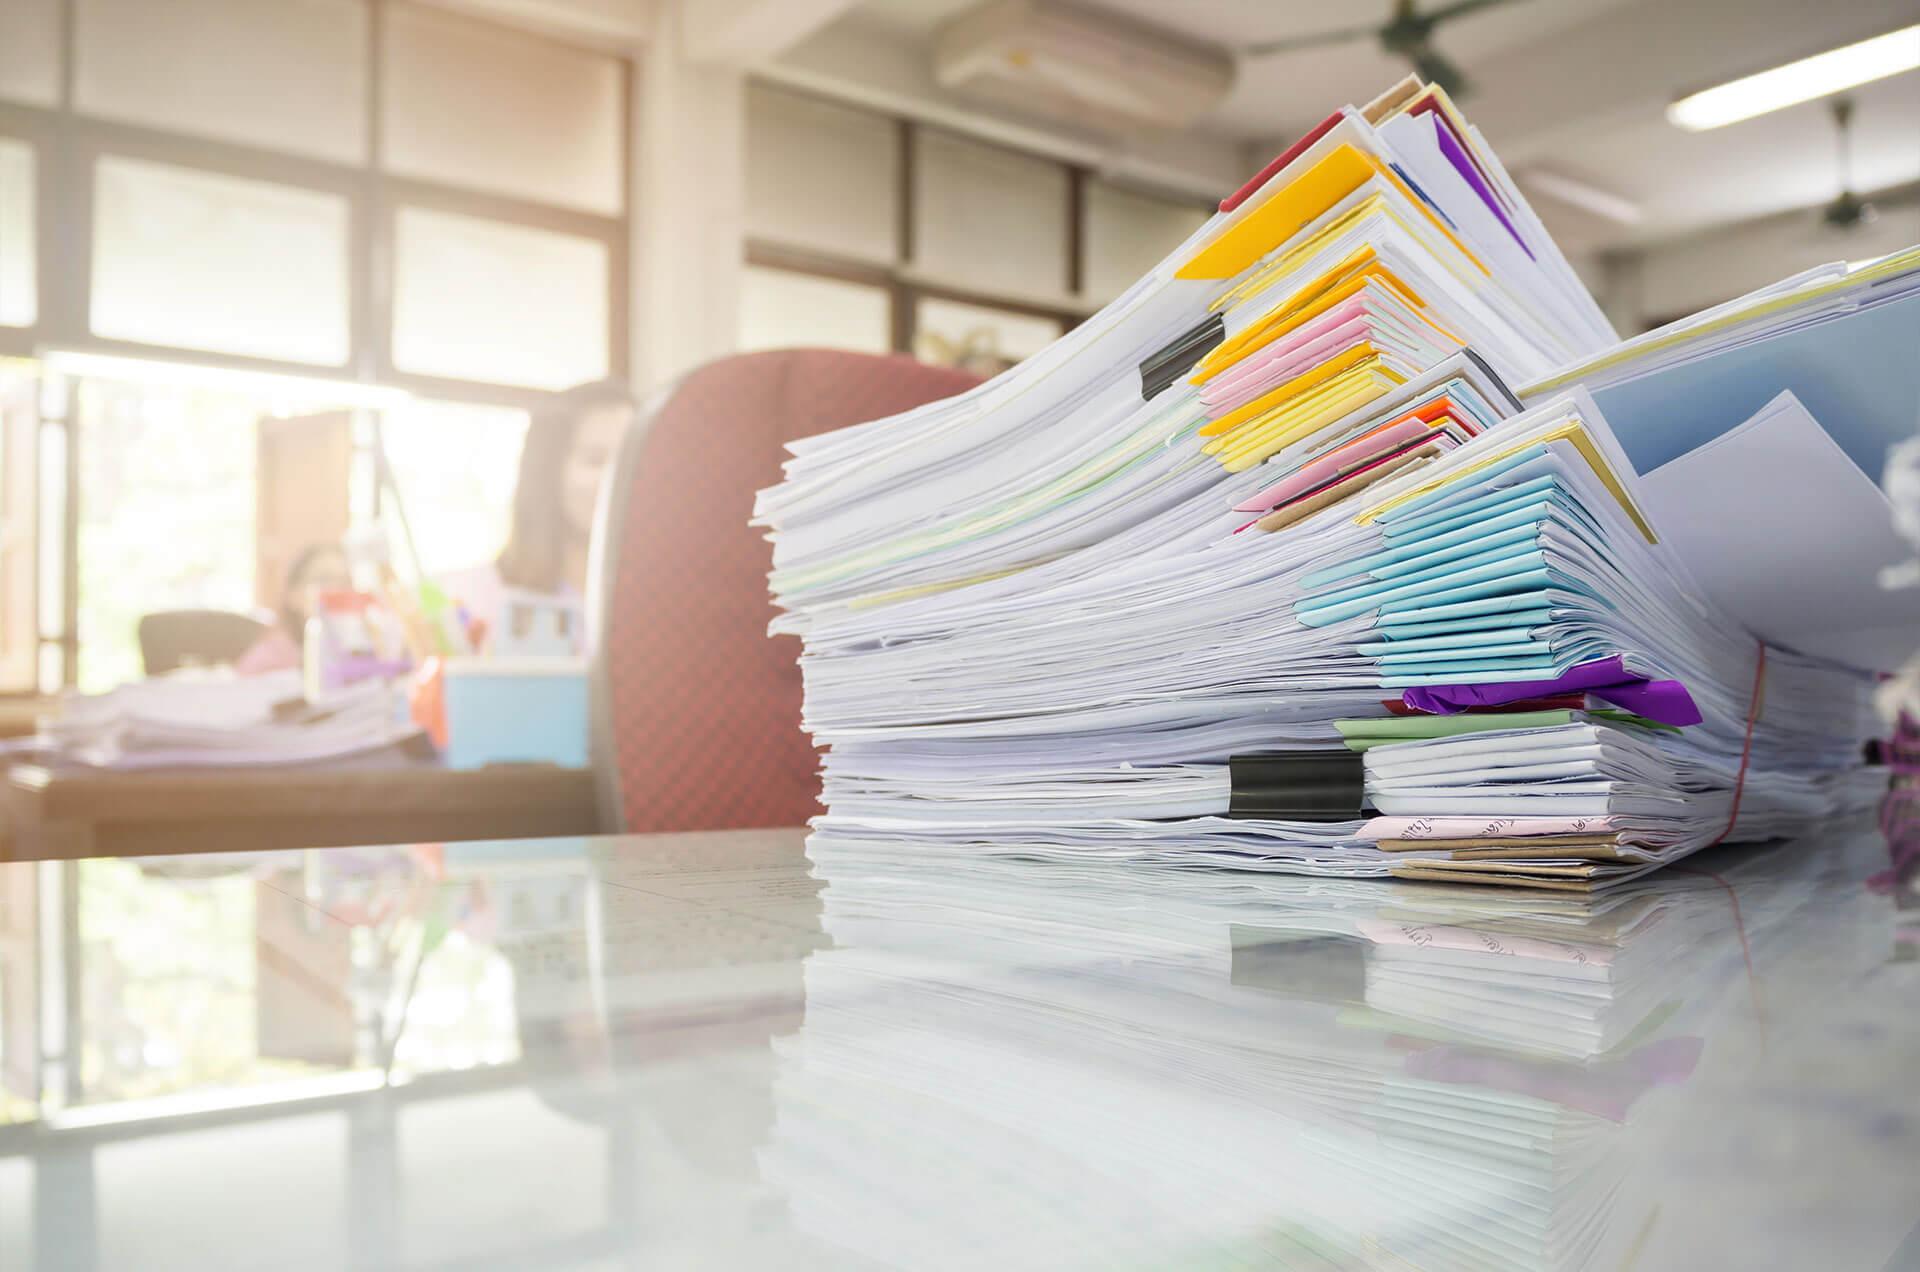 paper-stack-on-desk